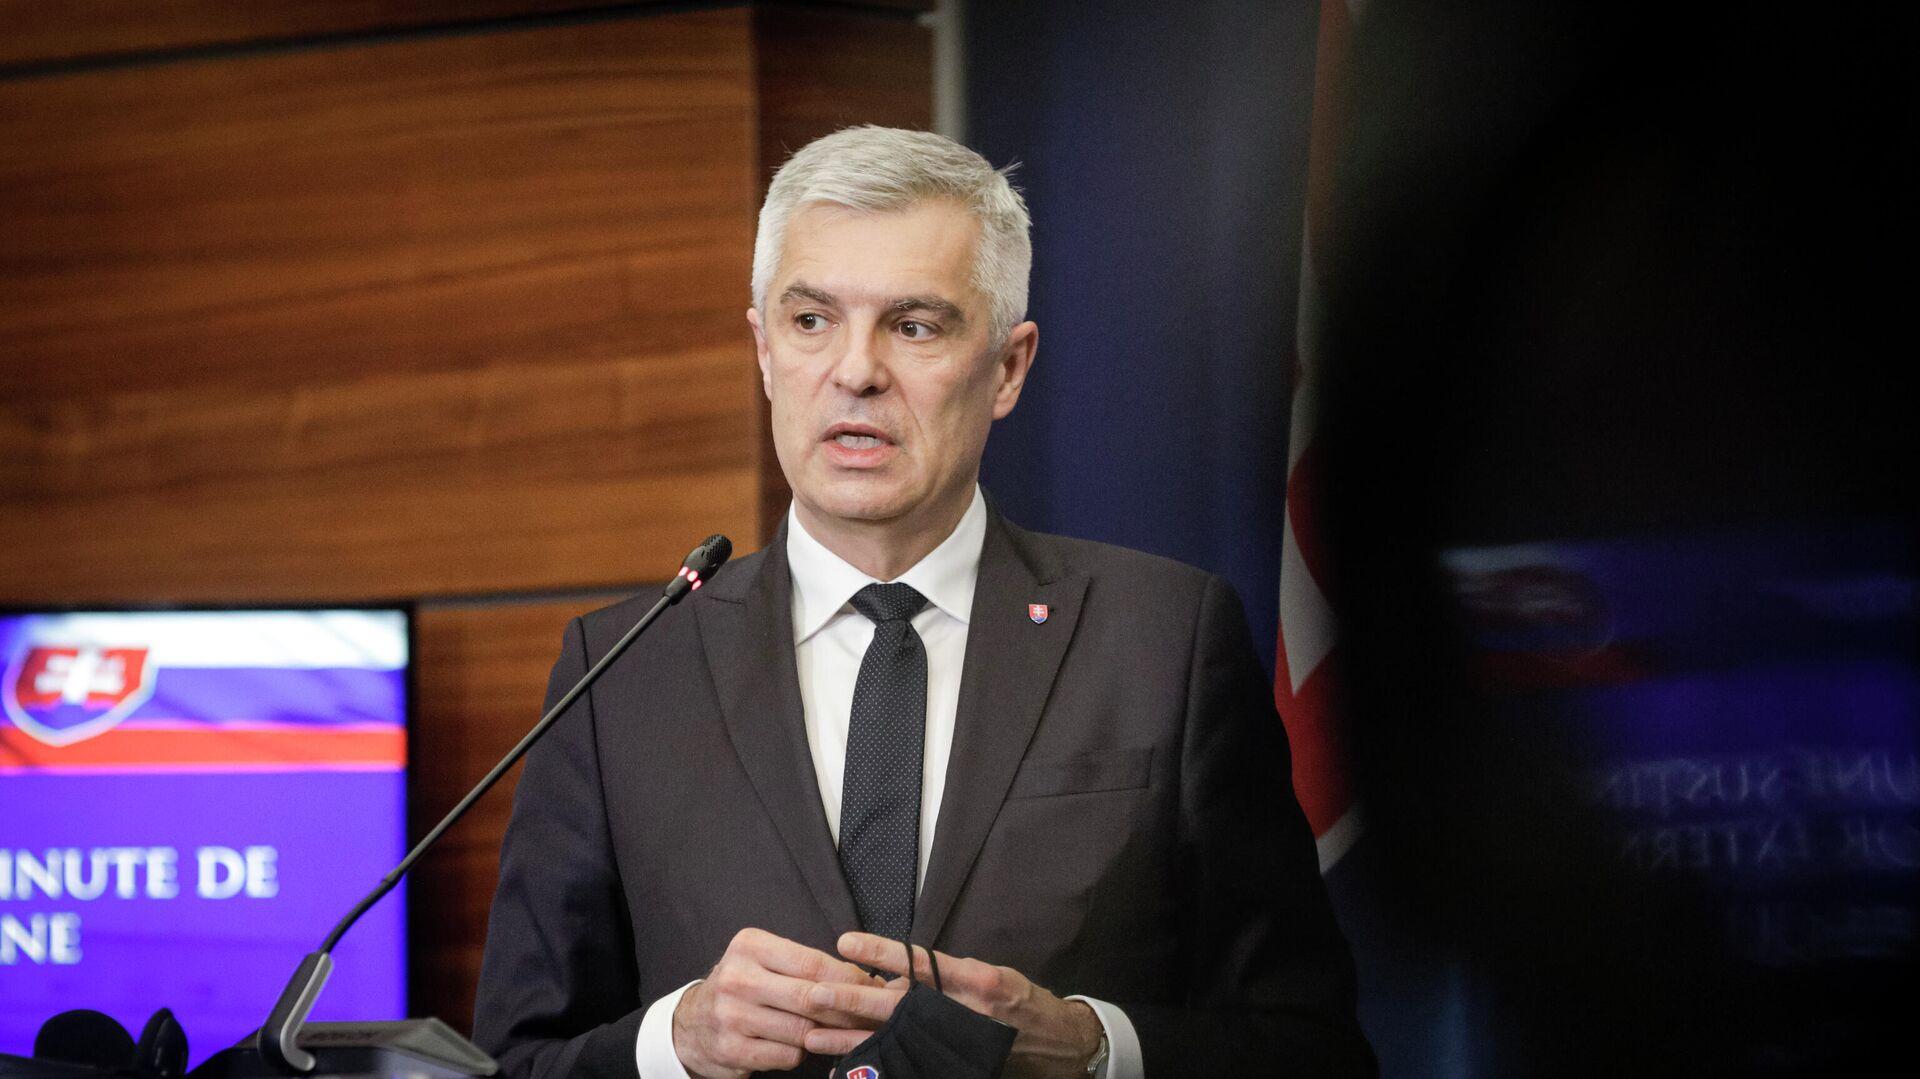 Министр иностранных и европейских дел Словакии Иван Корчок - РИА Новости, 1920, 04.03.2021